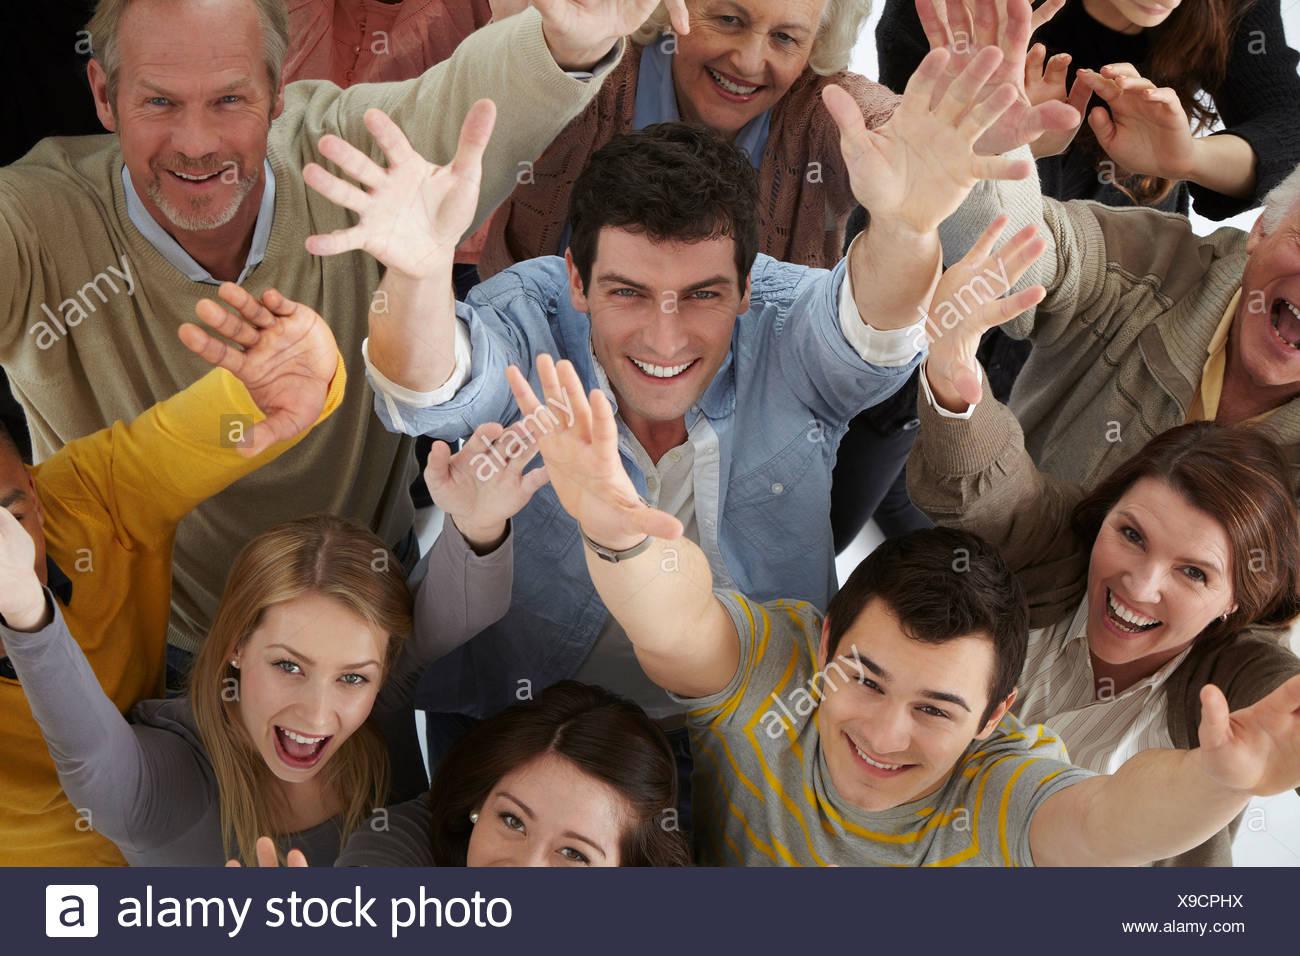 Un gruppo di persone con le braccia alzate, angolo alto Immagini Stock